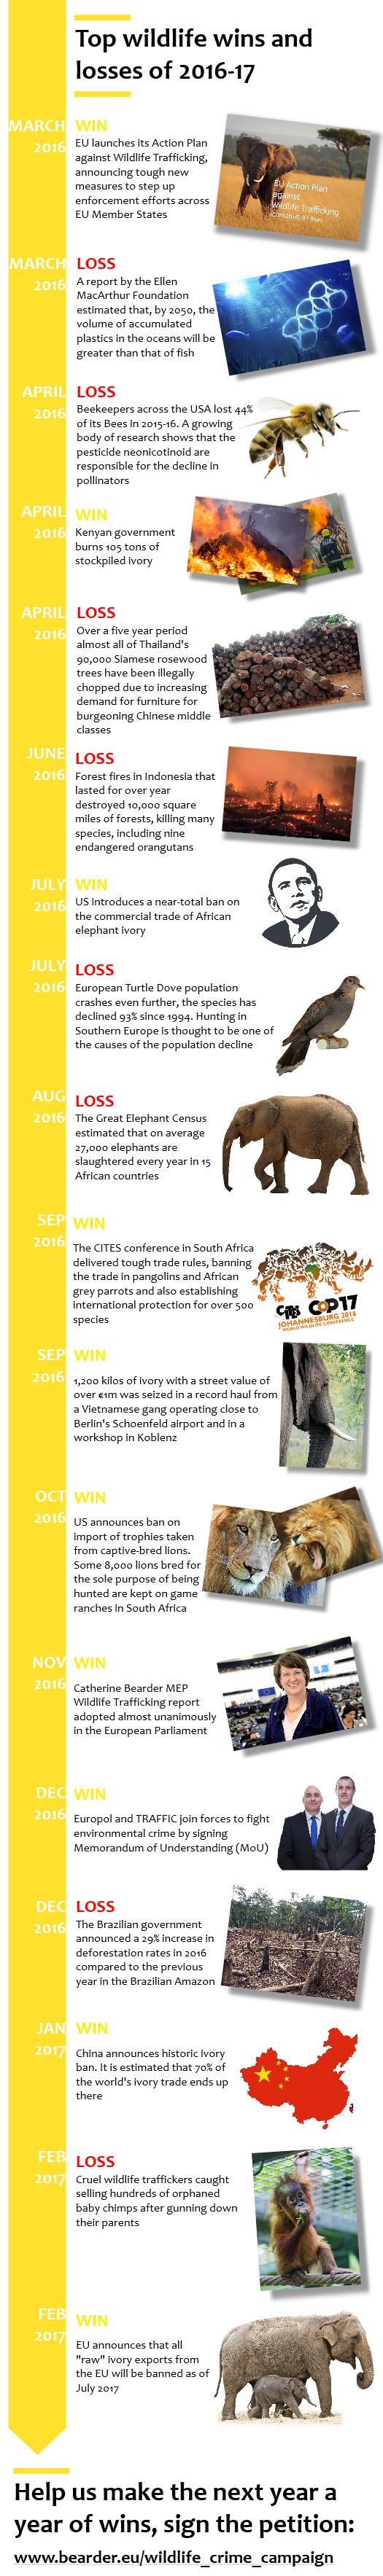 Wildlife_timeline.png